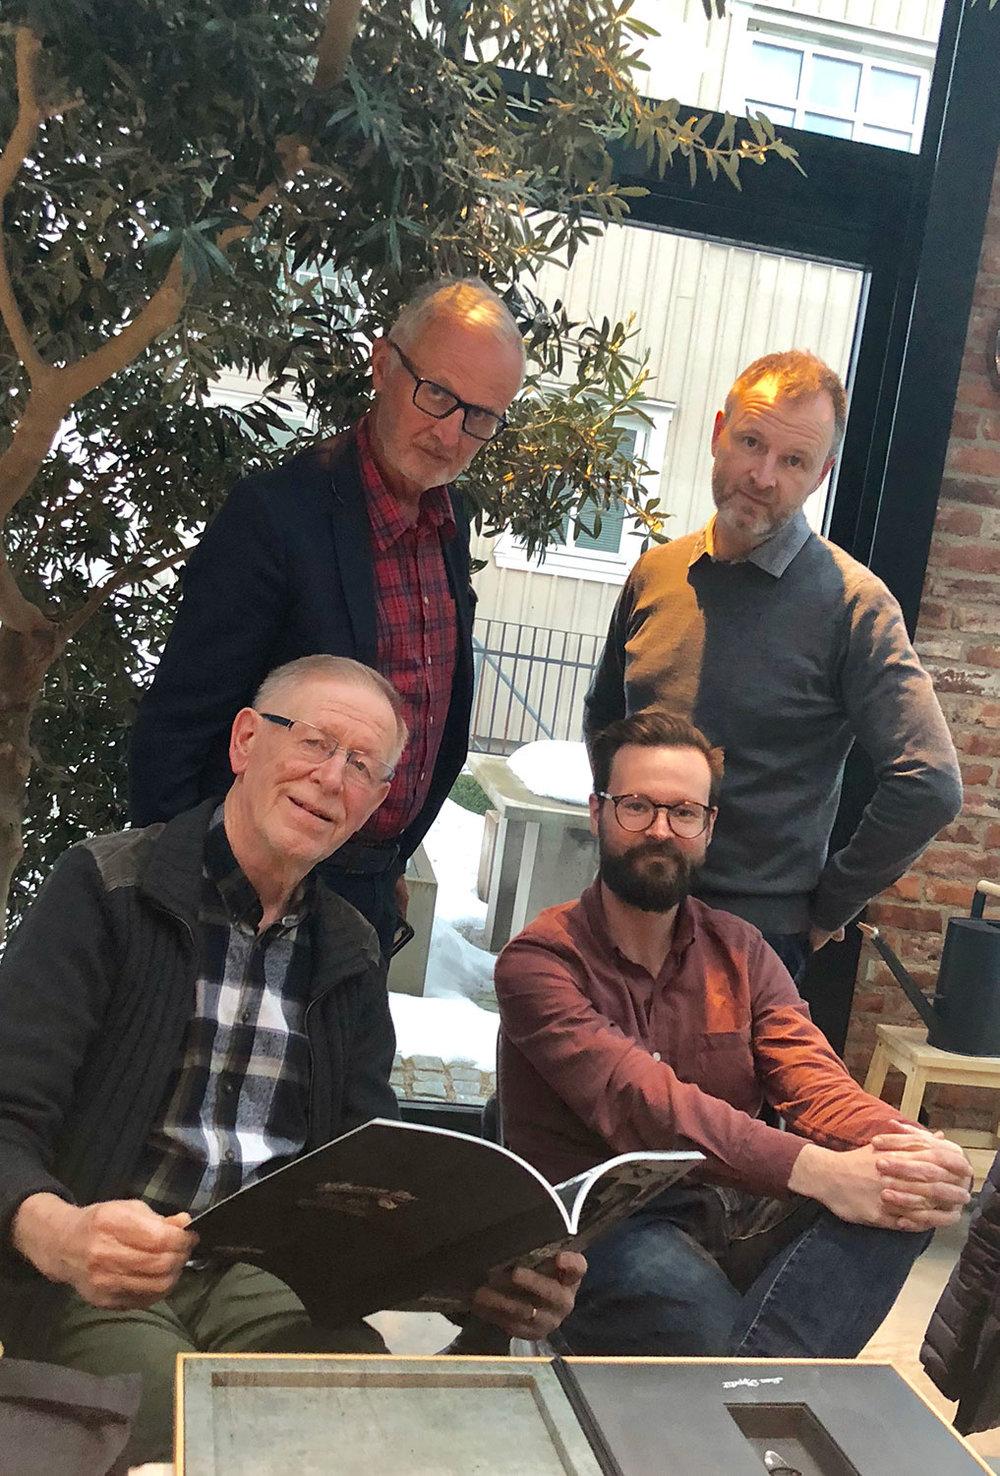 Fyra direktörer. Yngve Håkansson grundade företaget 1968 (under namnet Byggtjänst), Sigvard Ståhl tog över som VD på 70-talet och efter honom följde sönerna Fredrik och nu Viktor som VD.